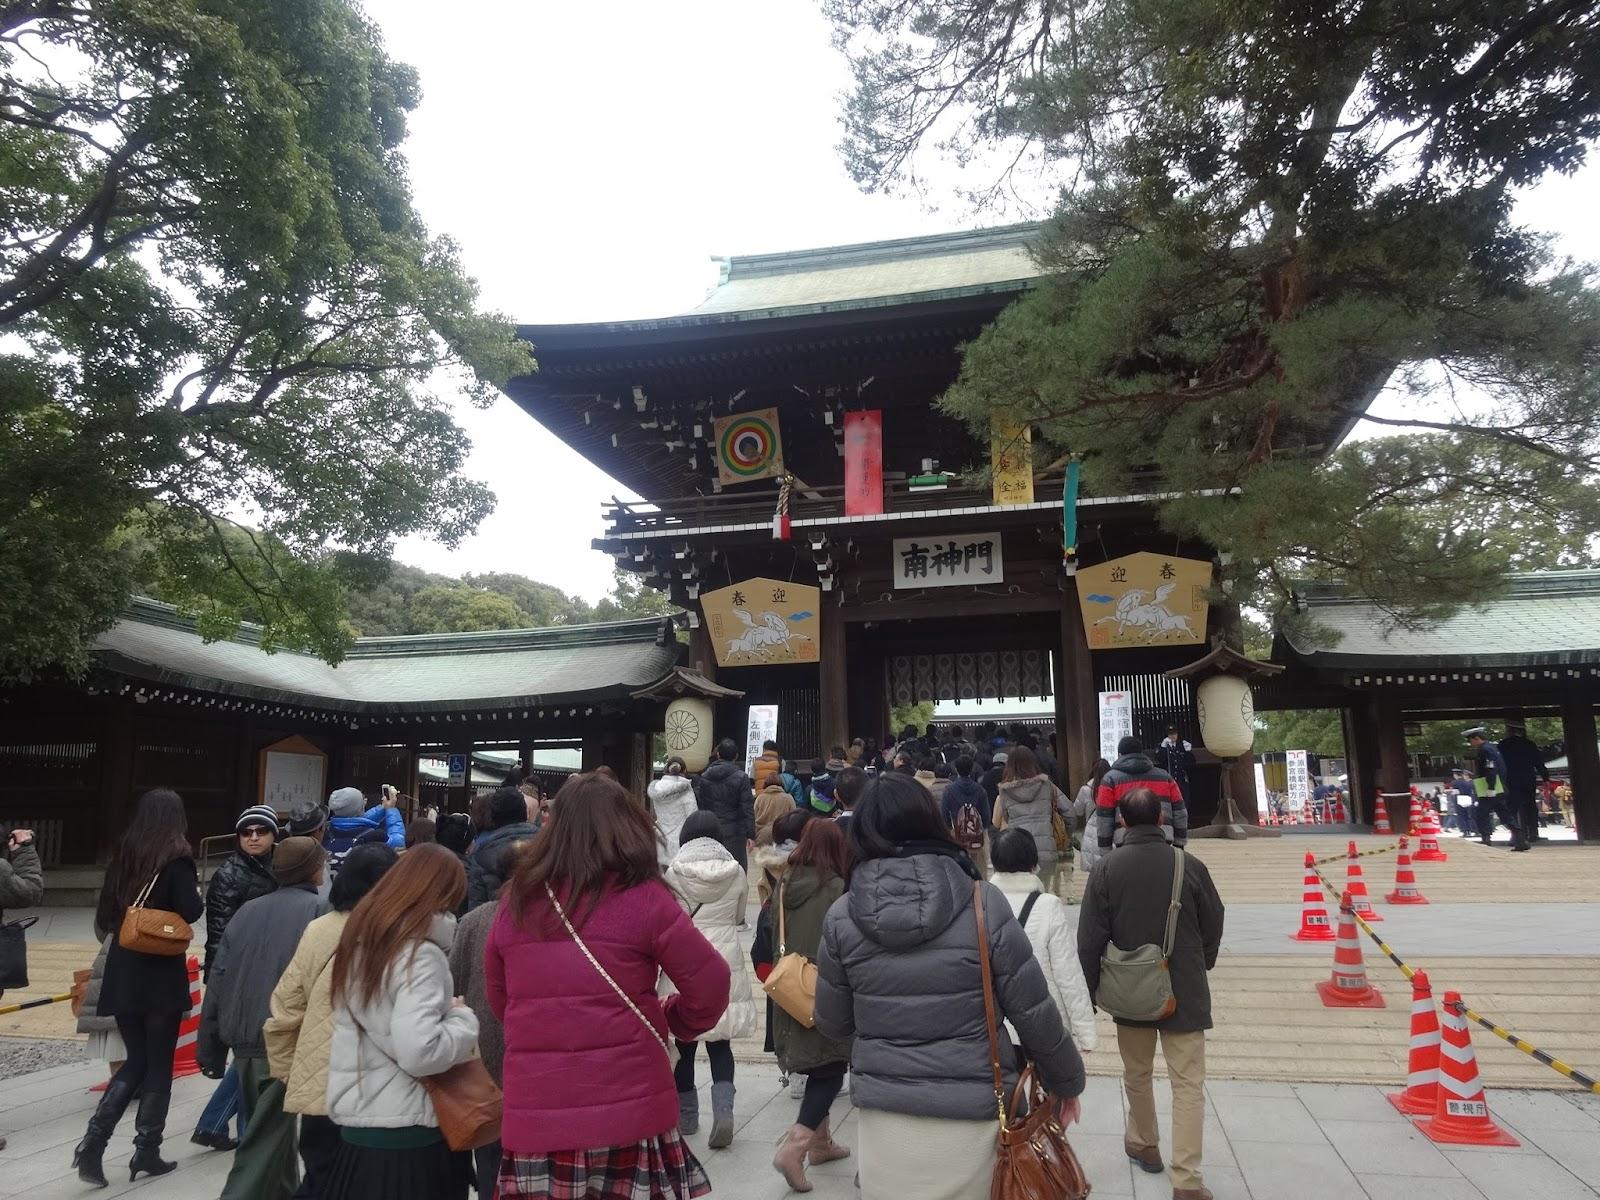 明治神宮,原宿,神社,初詣〈著作権フリー無料画像〉Free Stock Photos